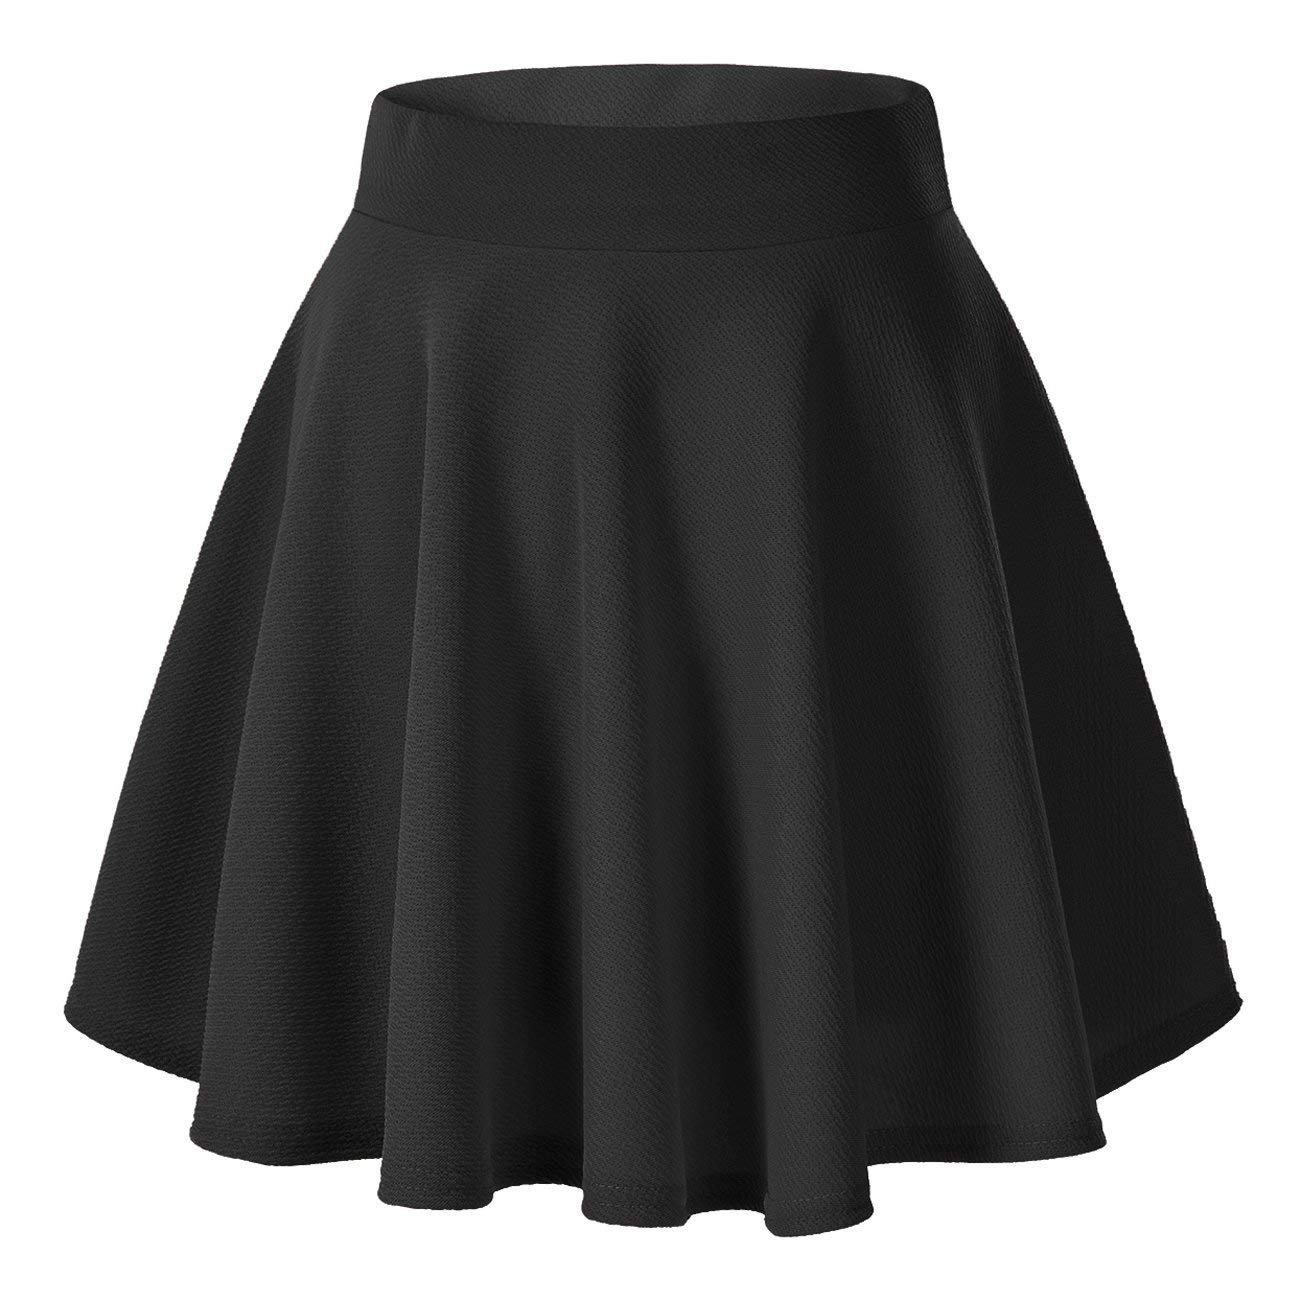 Urban GoCo Falda Mujer Elástica Plisada Básica Patinador Multifuncional Corto Falda product image